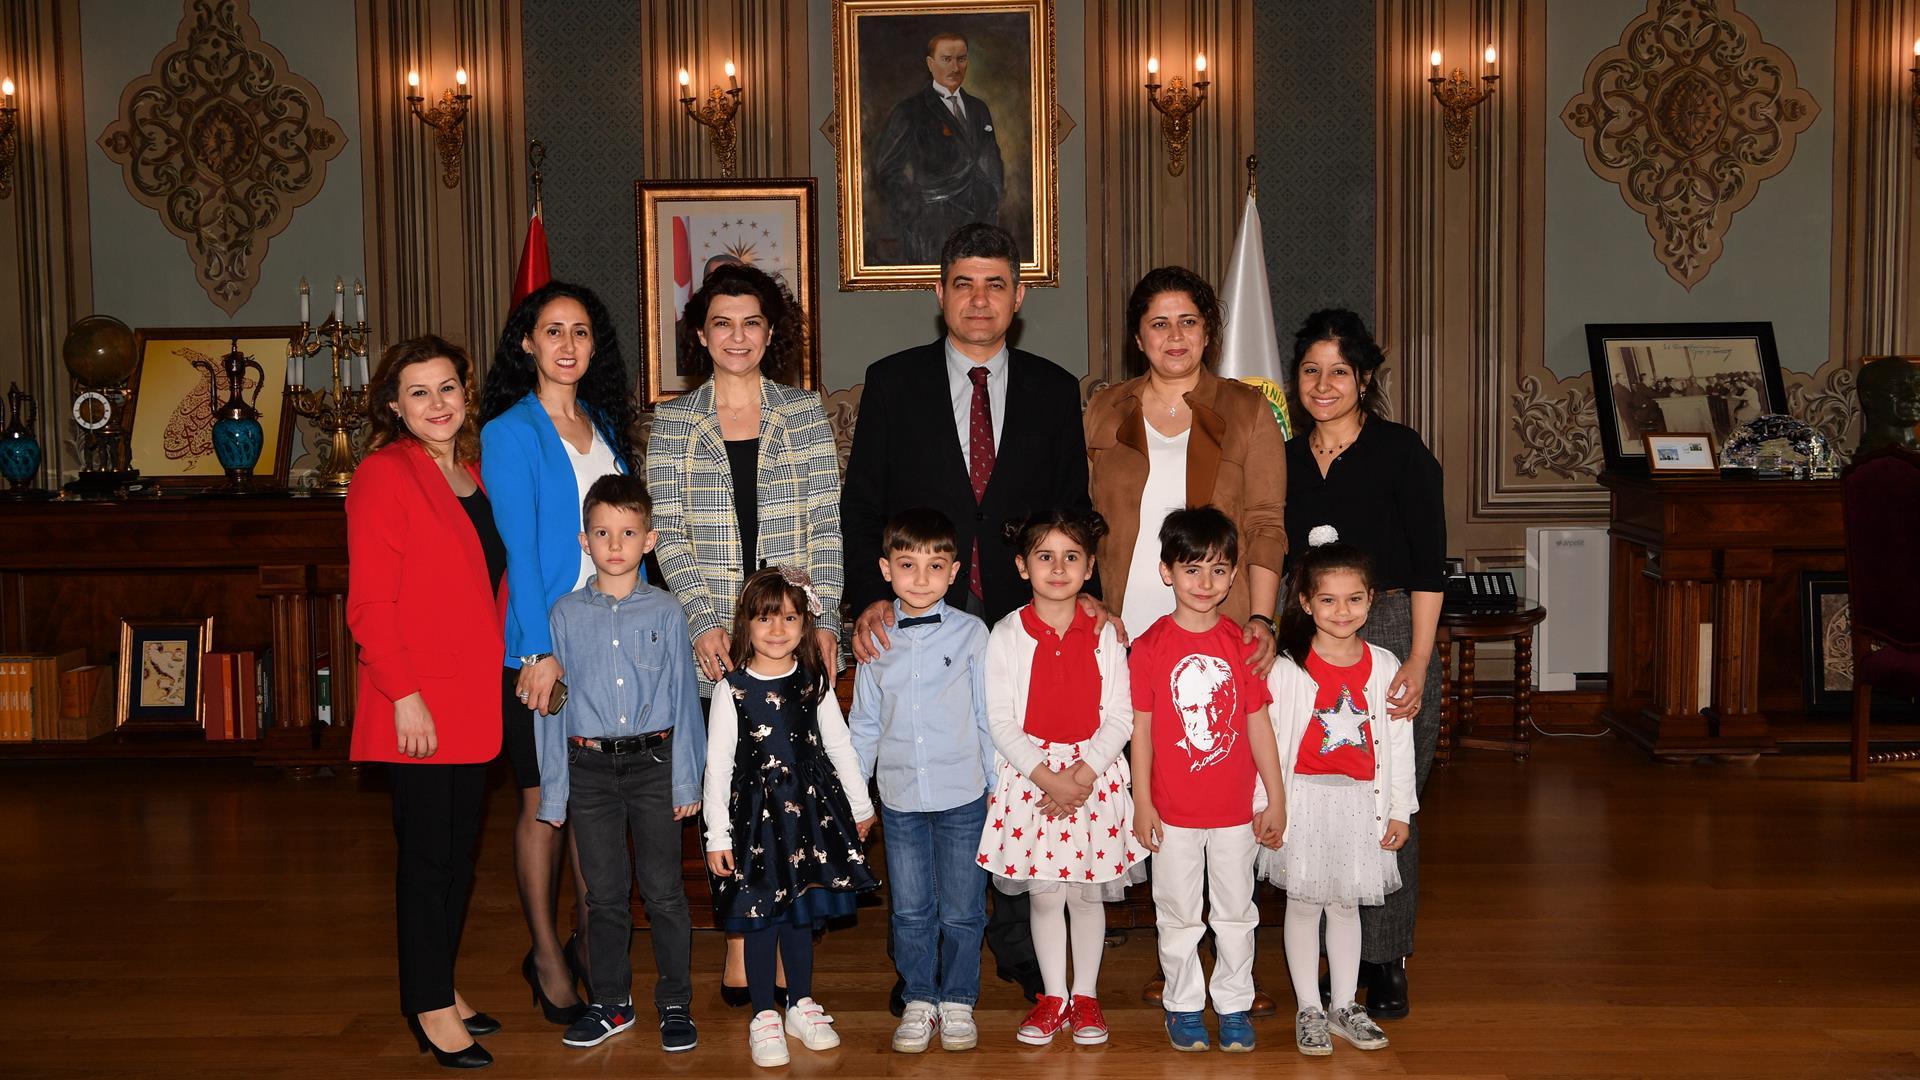 İÜ-Rektör-Vekili-Prof.-Dr.-Mustafa-Oral-Öncül-Çocukları-Rektörlük-Makamında-Ağırladı